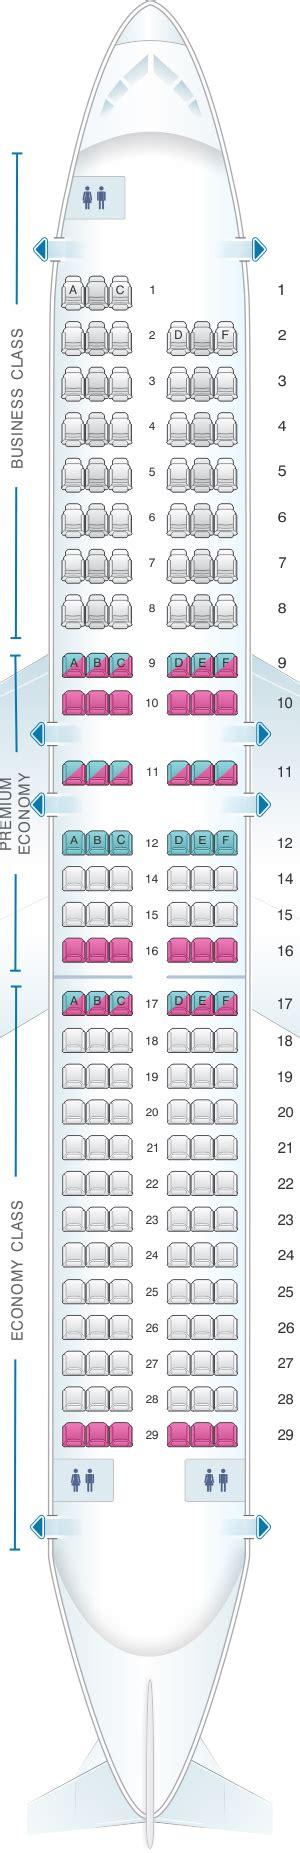 airbus a320 sieges plan de cabine air airbus a320 europe seatmaestro fr